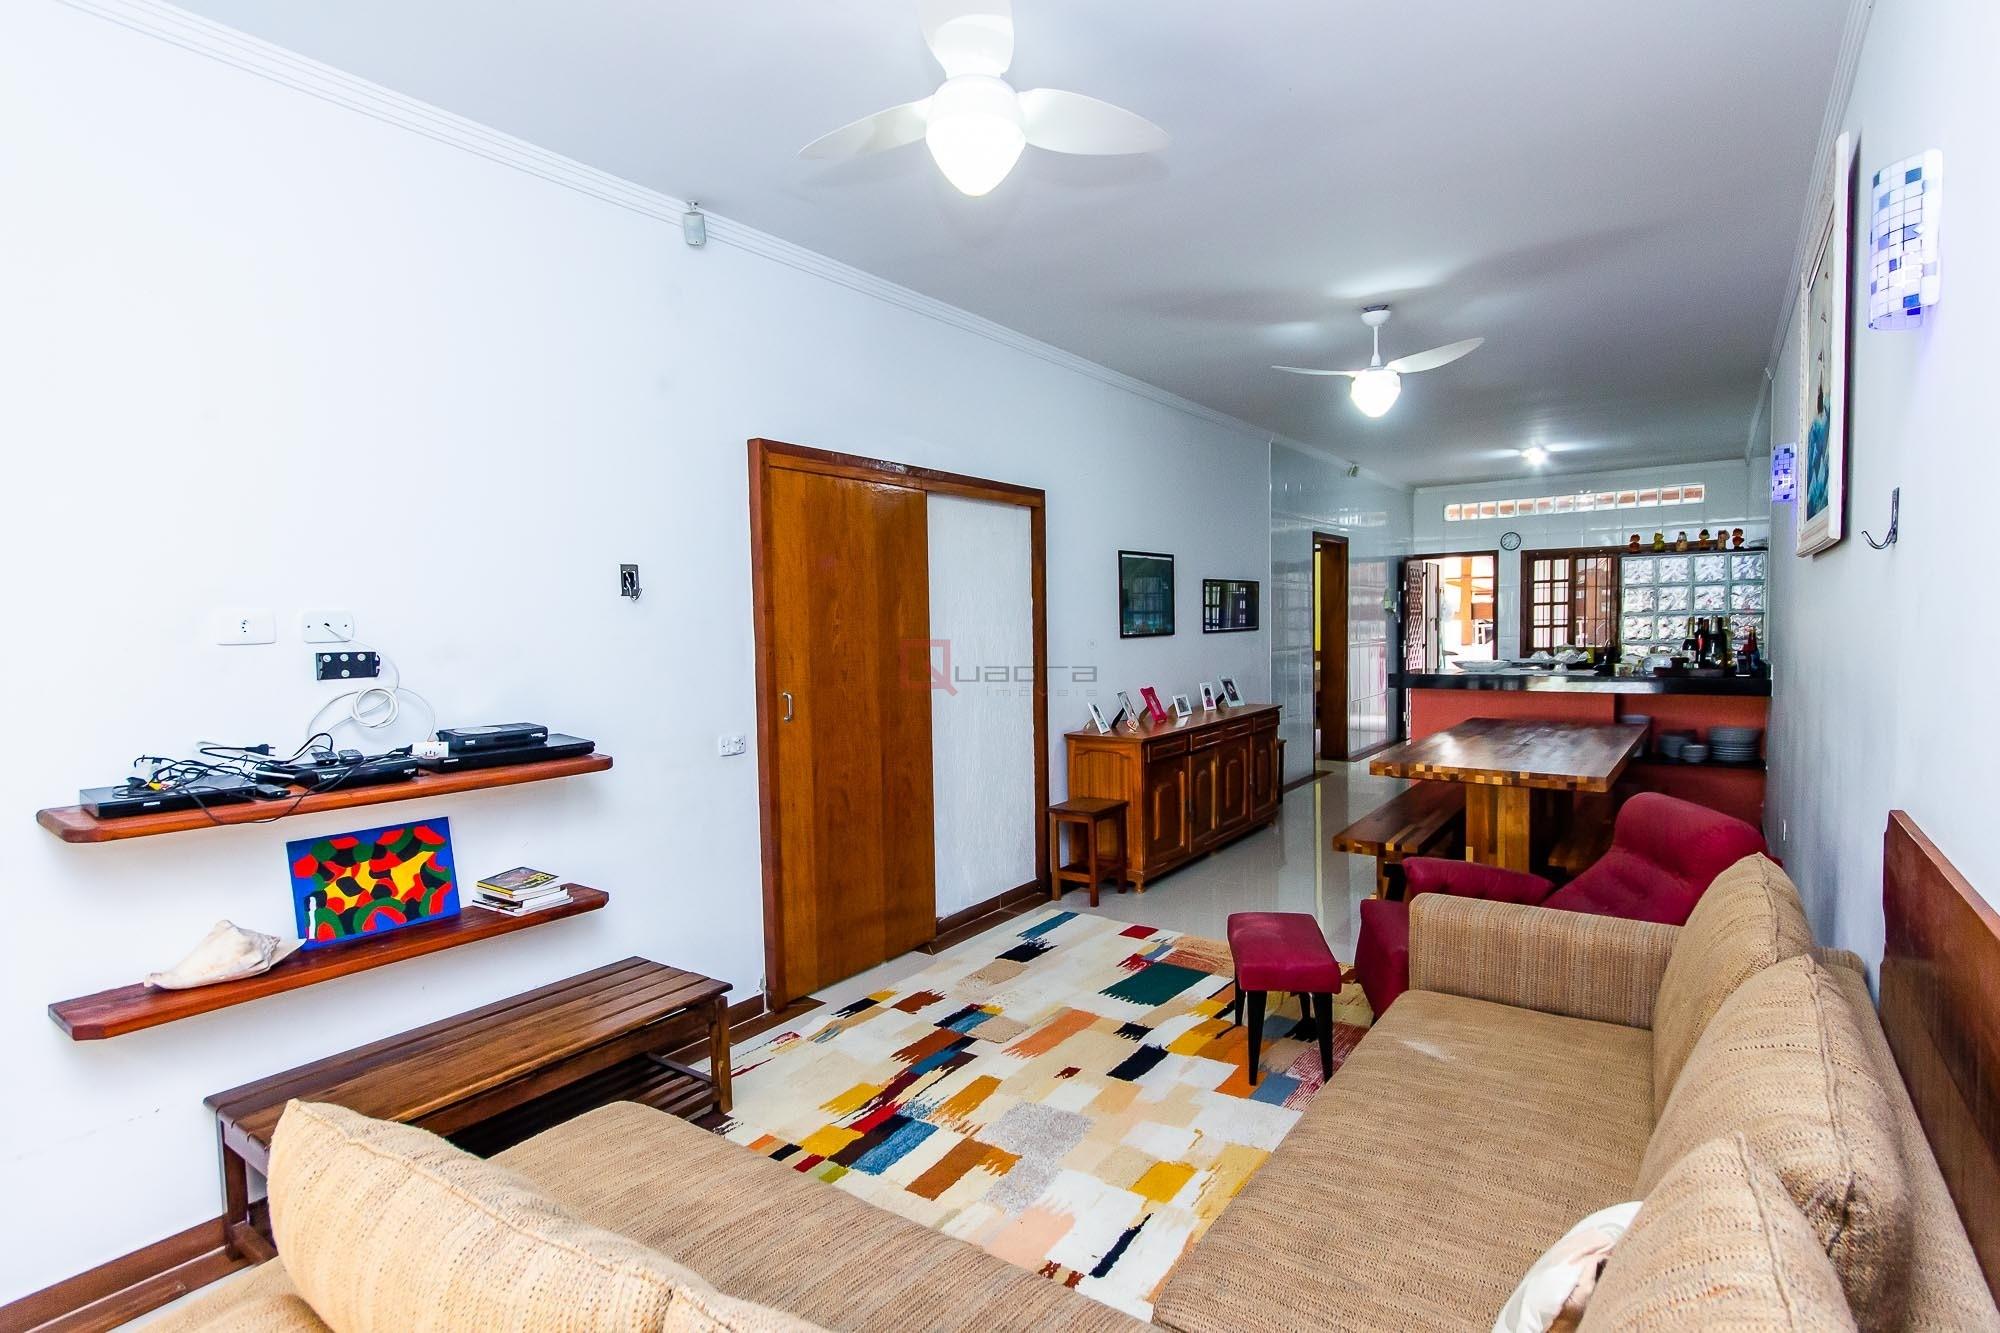 Casa com 3 dormitórios para alugar em Caraguatatuba, no bairro Jardim Adalgisa